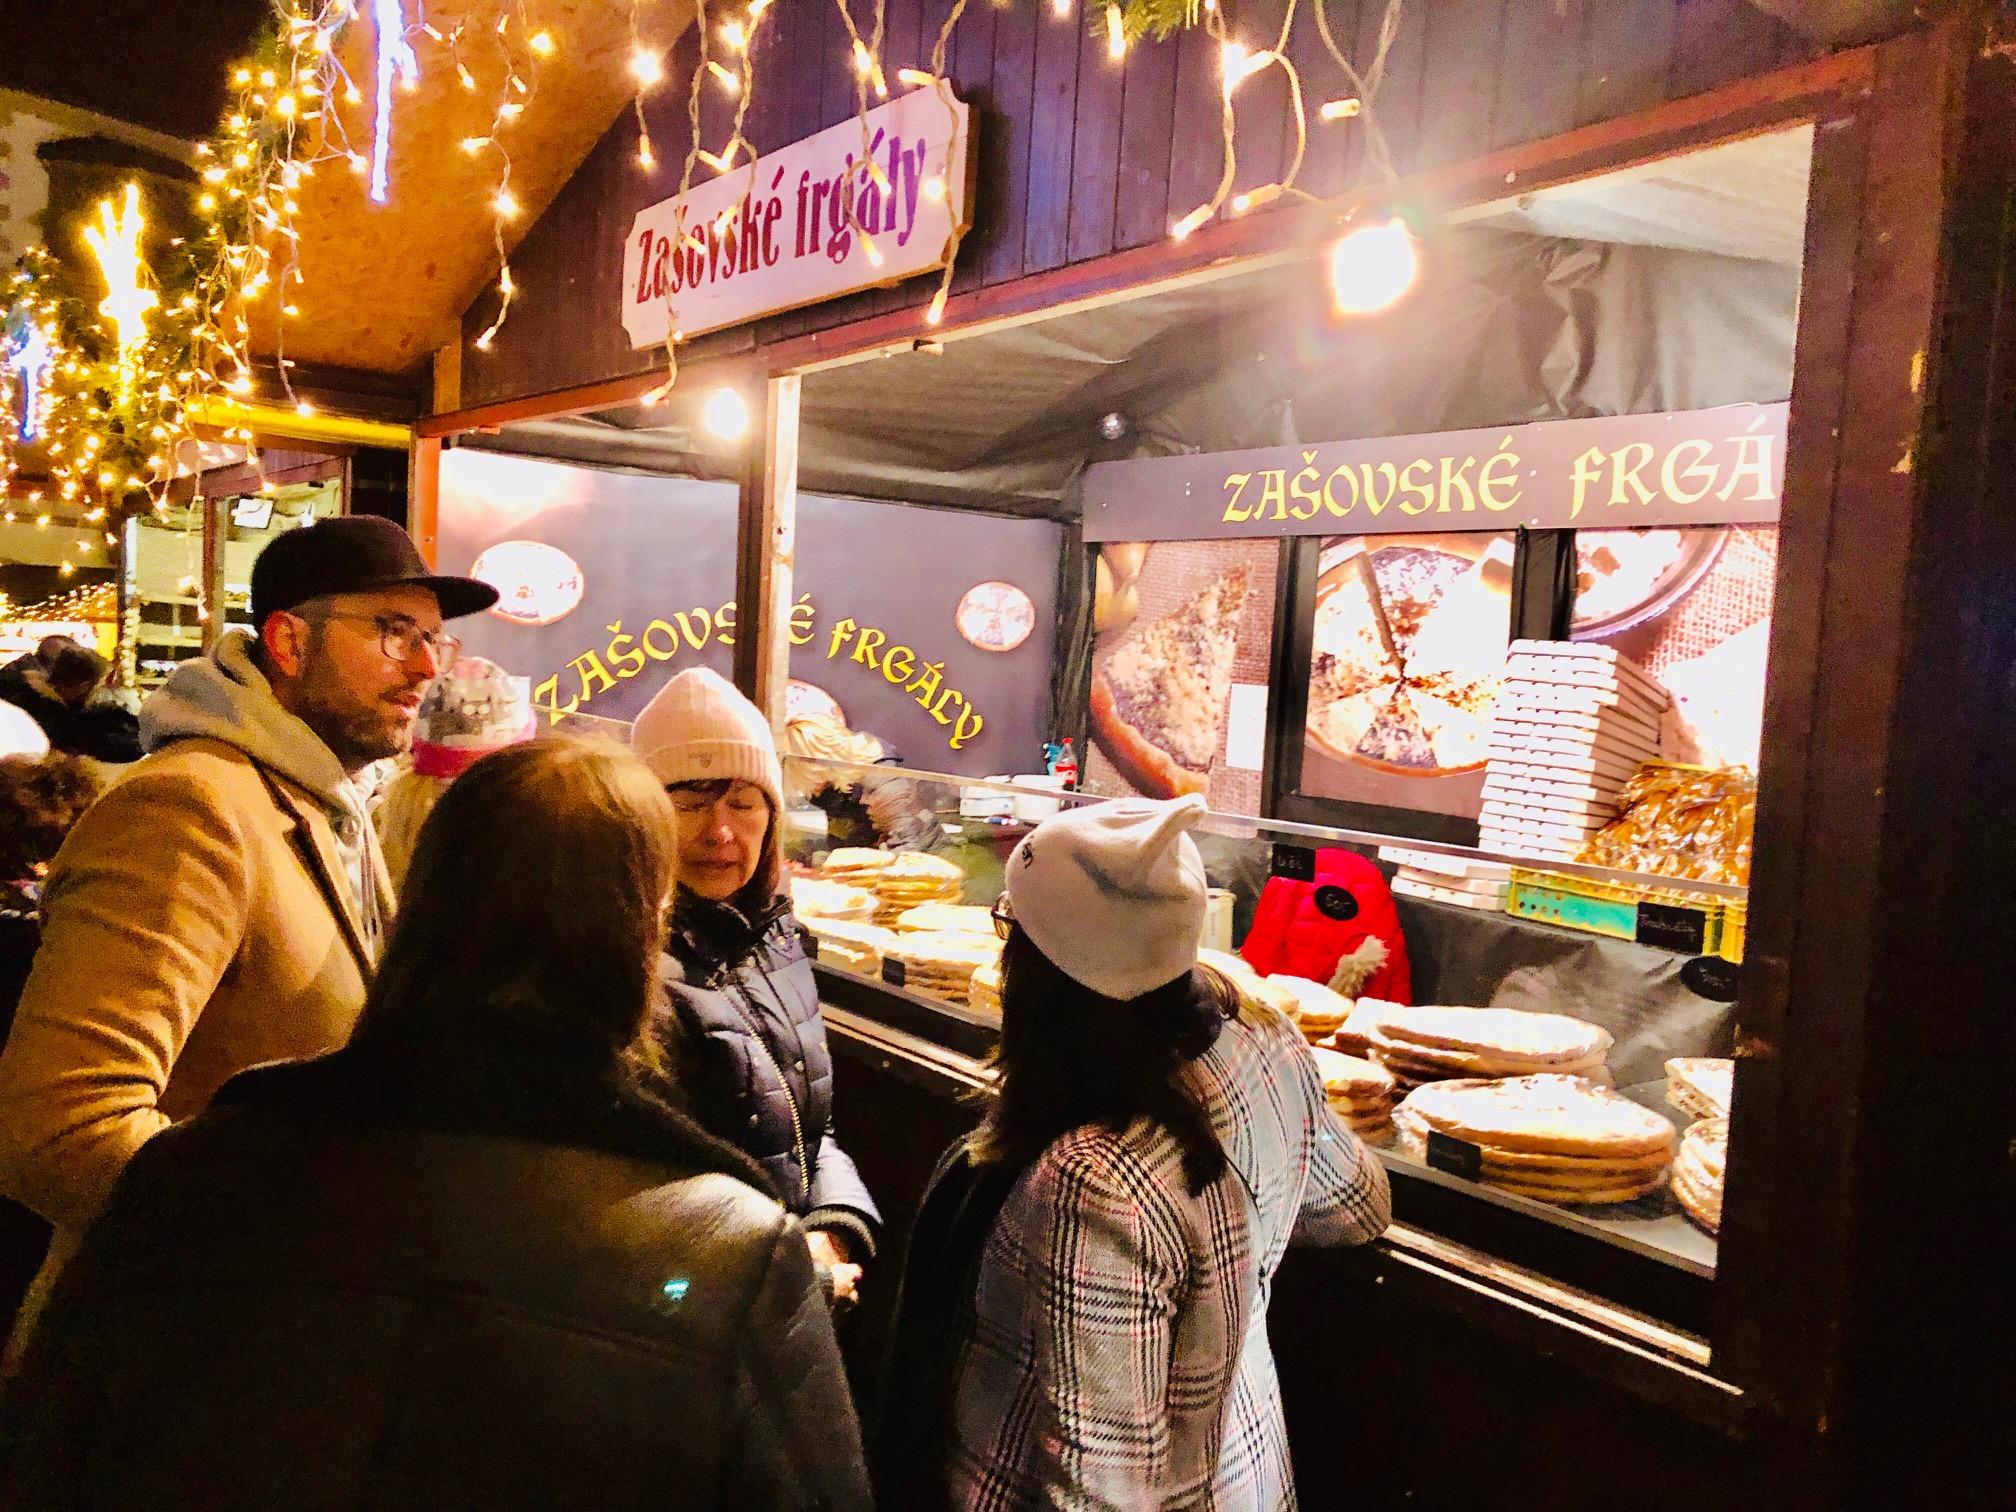 """Les """"marchands du temple"""" proposent des décorations de noël, des santons, du pain d'épice, des jouets en bois, des vêtements chauds, des spécialités culinaires diverses et de l'artisanat local et... un raton laveur !/crédit photo JDL"""